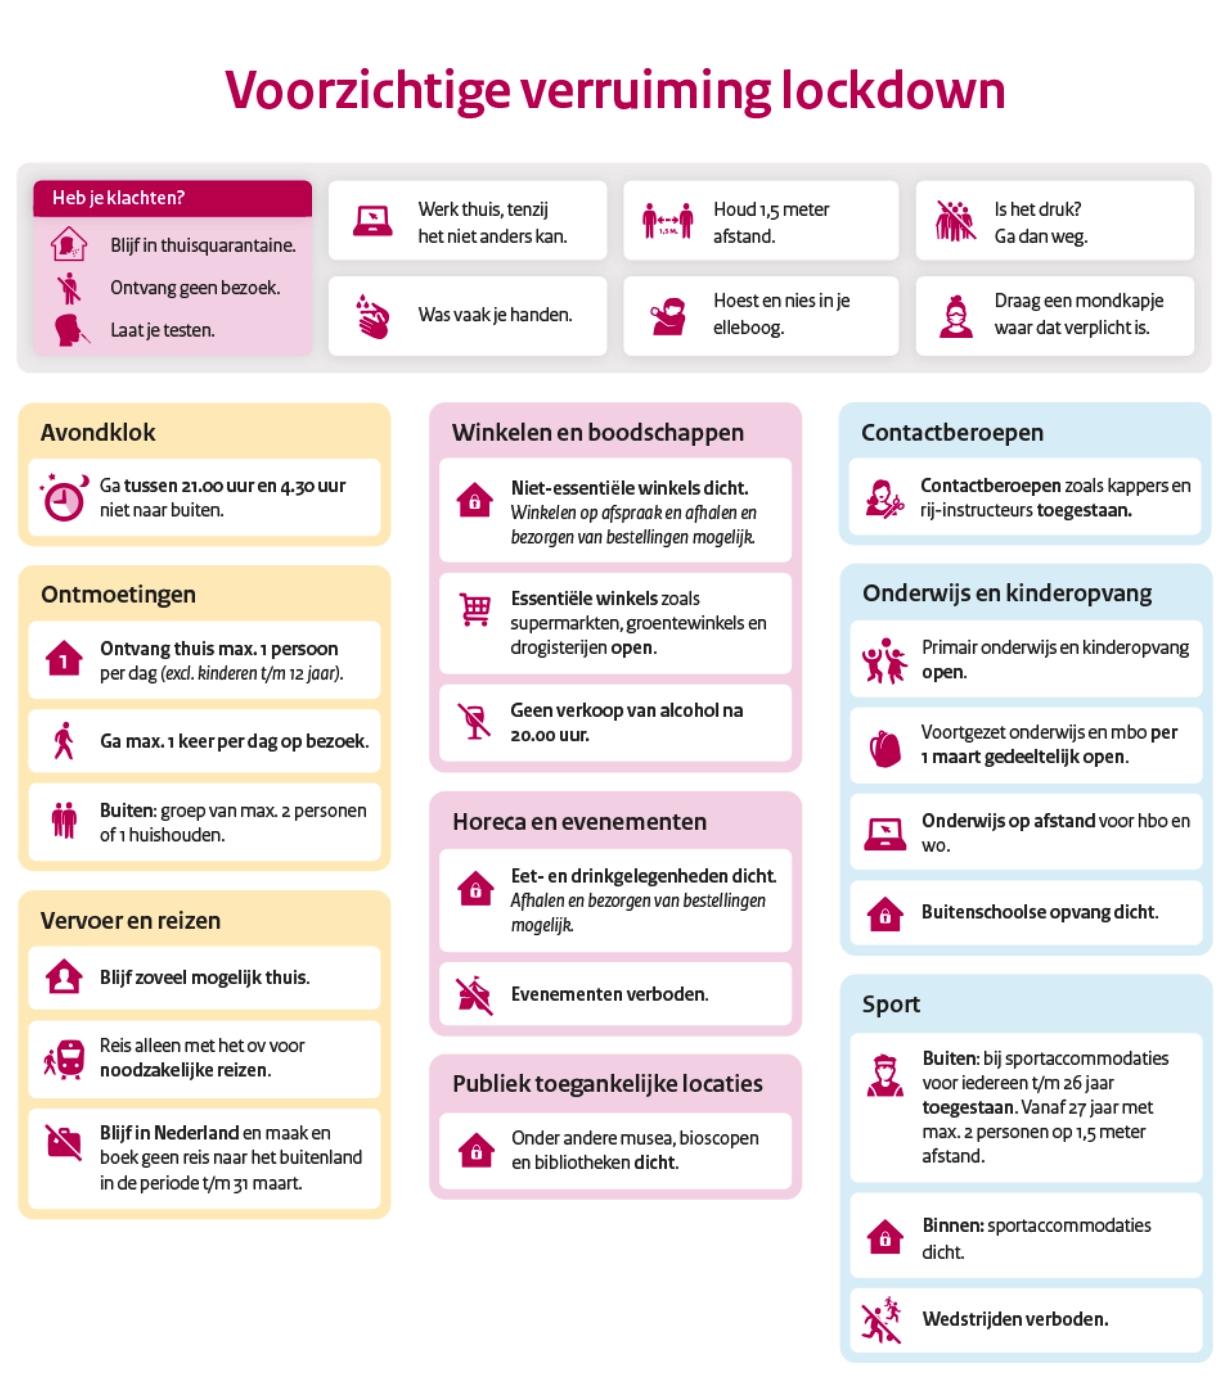 Routekaart versoepeling coronamaatregelen persconferentie 23 februari kabinet rutte lockdown corona